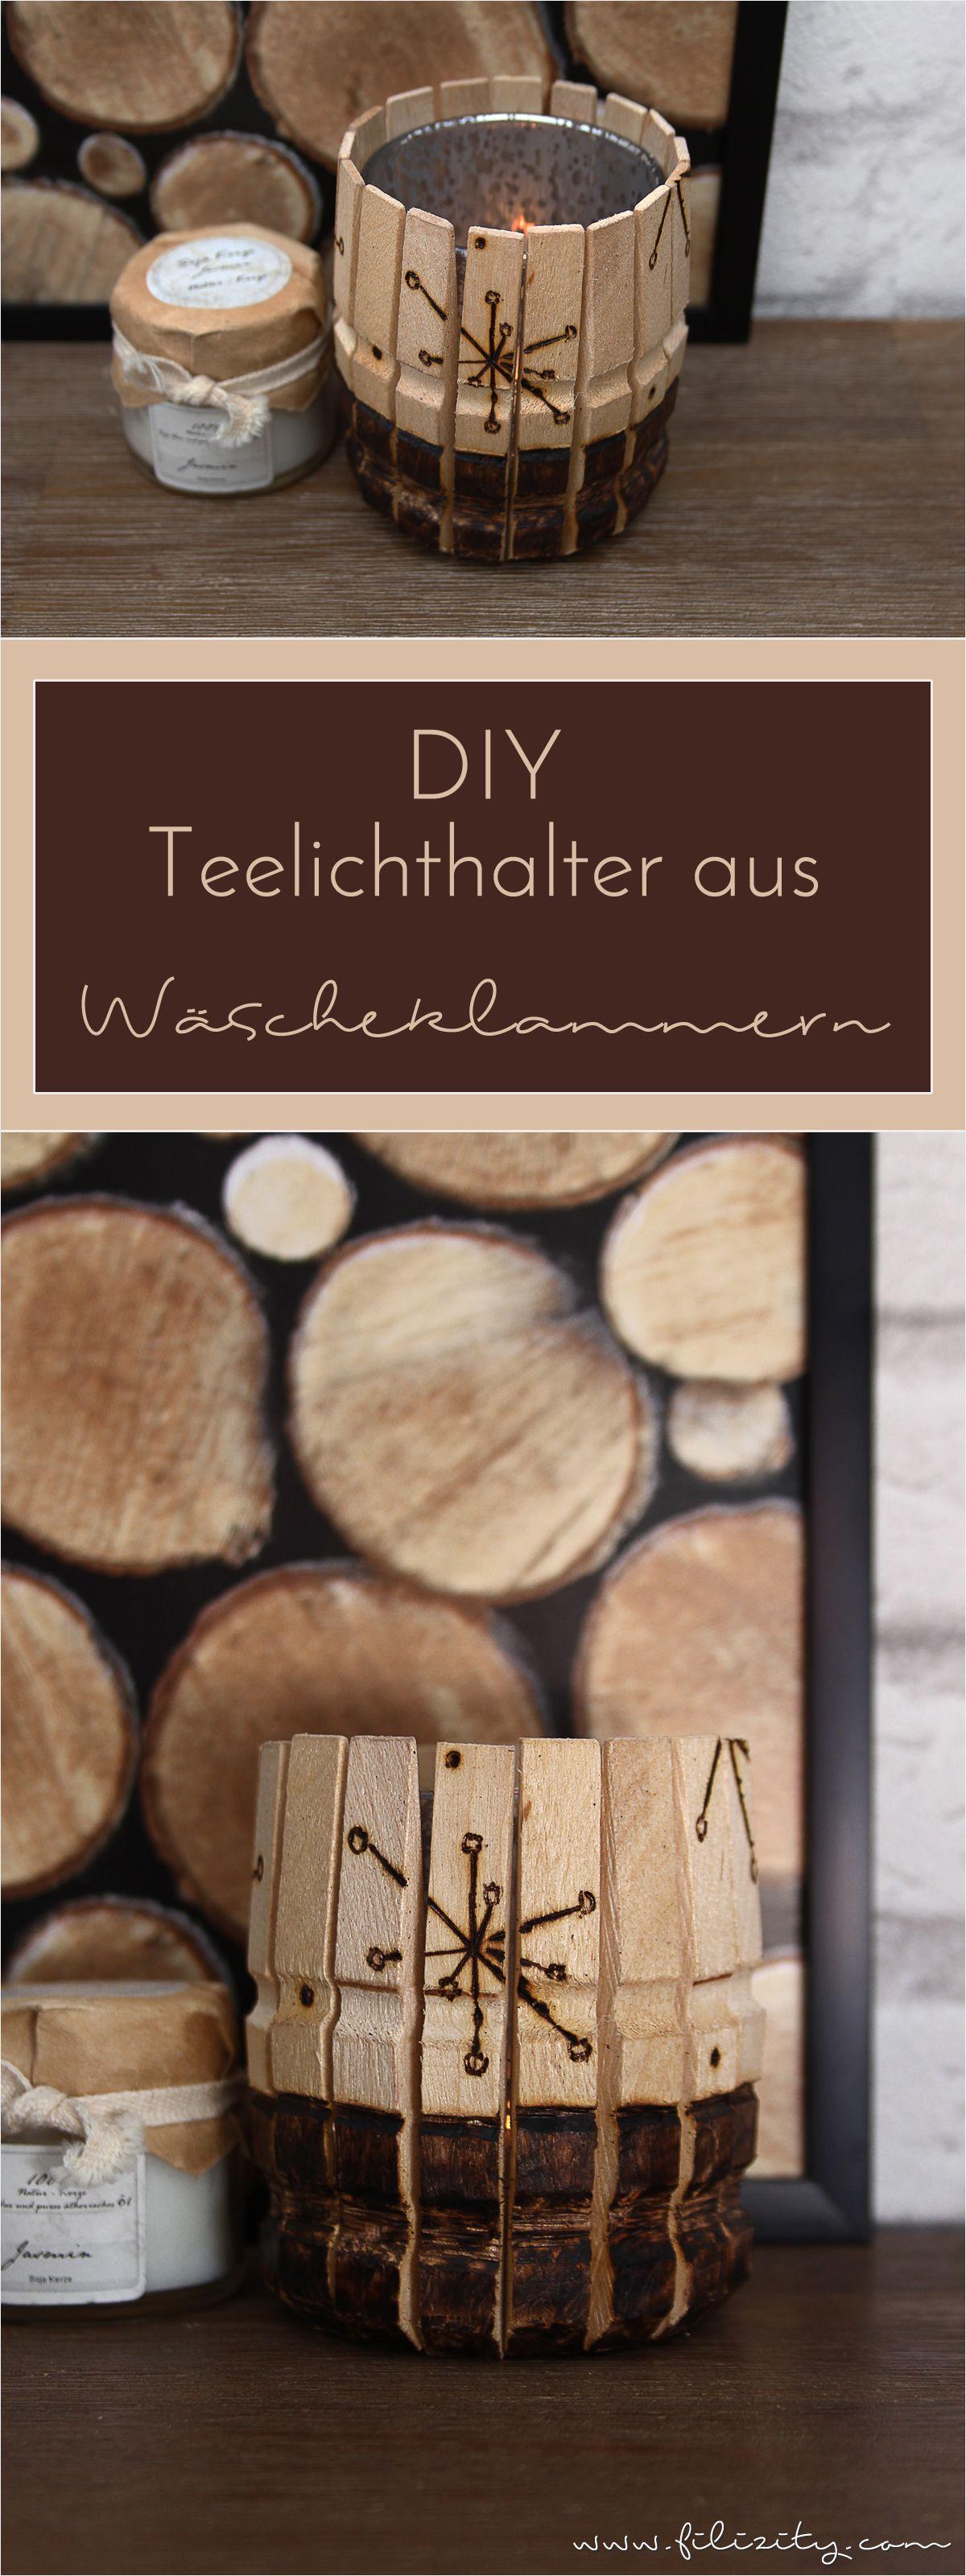 teelichthalter mit brandmalerei aus w scheklammern german blogger diy pinterest. Black Bedroom Furniture Sets. Home Design Ideas